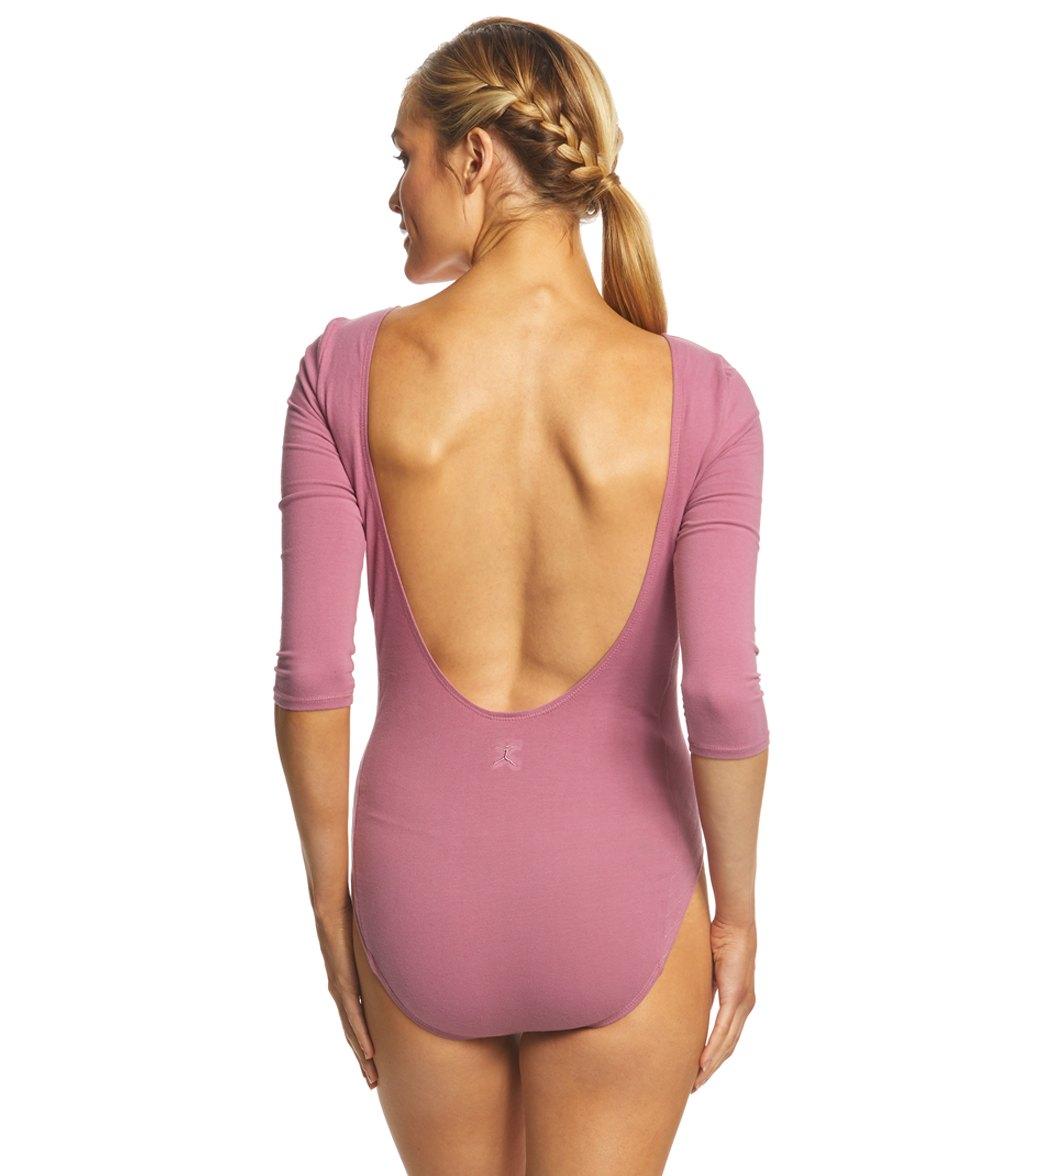 bd46b61994 Danskin 3/4-Length Quilted Cotton-Blend Yoga & Dance Leotard at ...